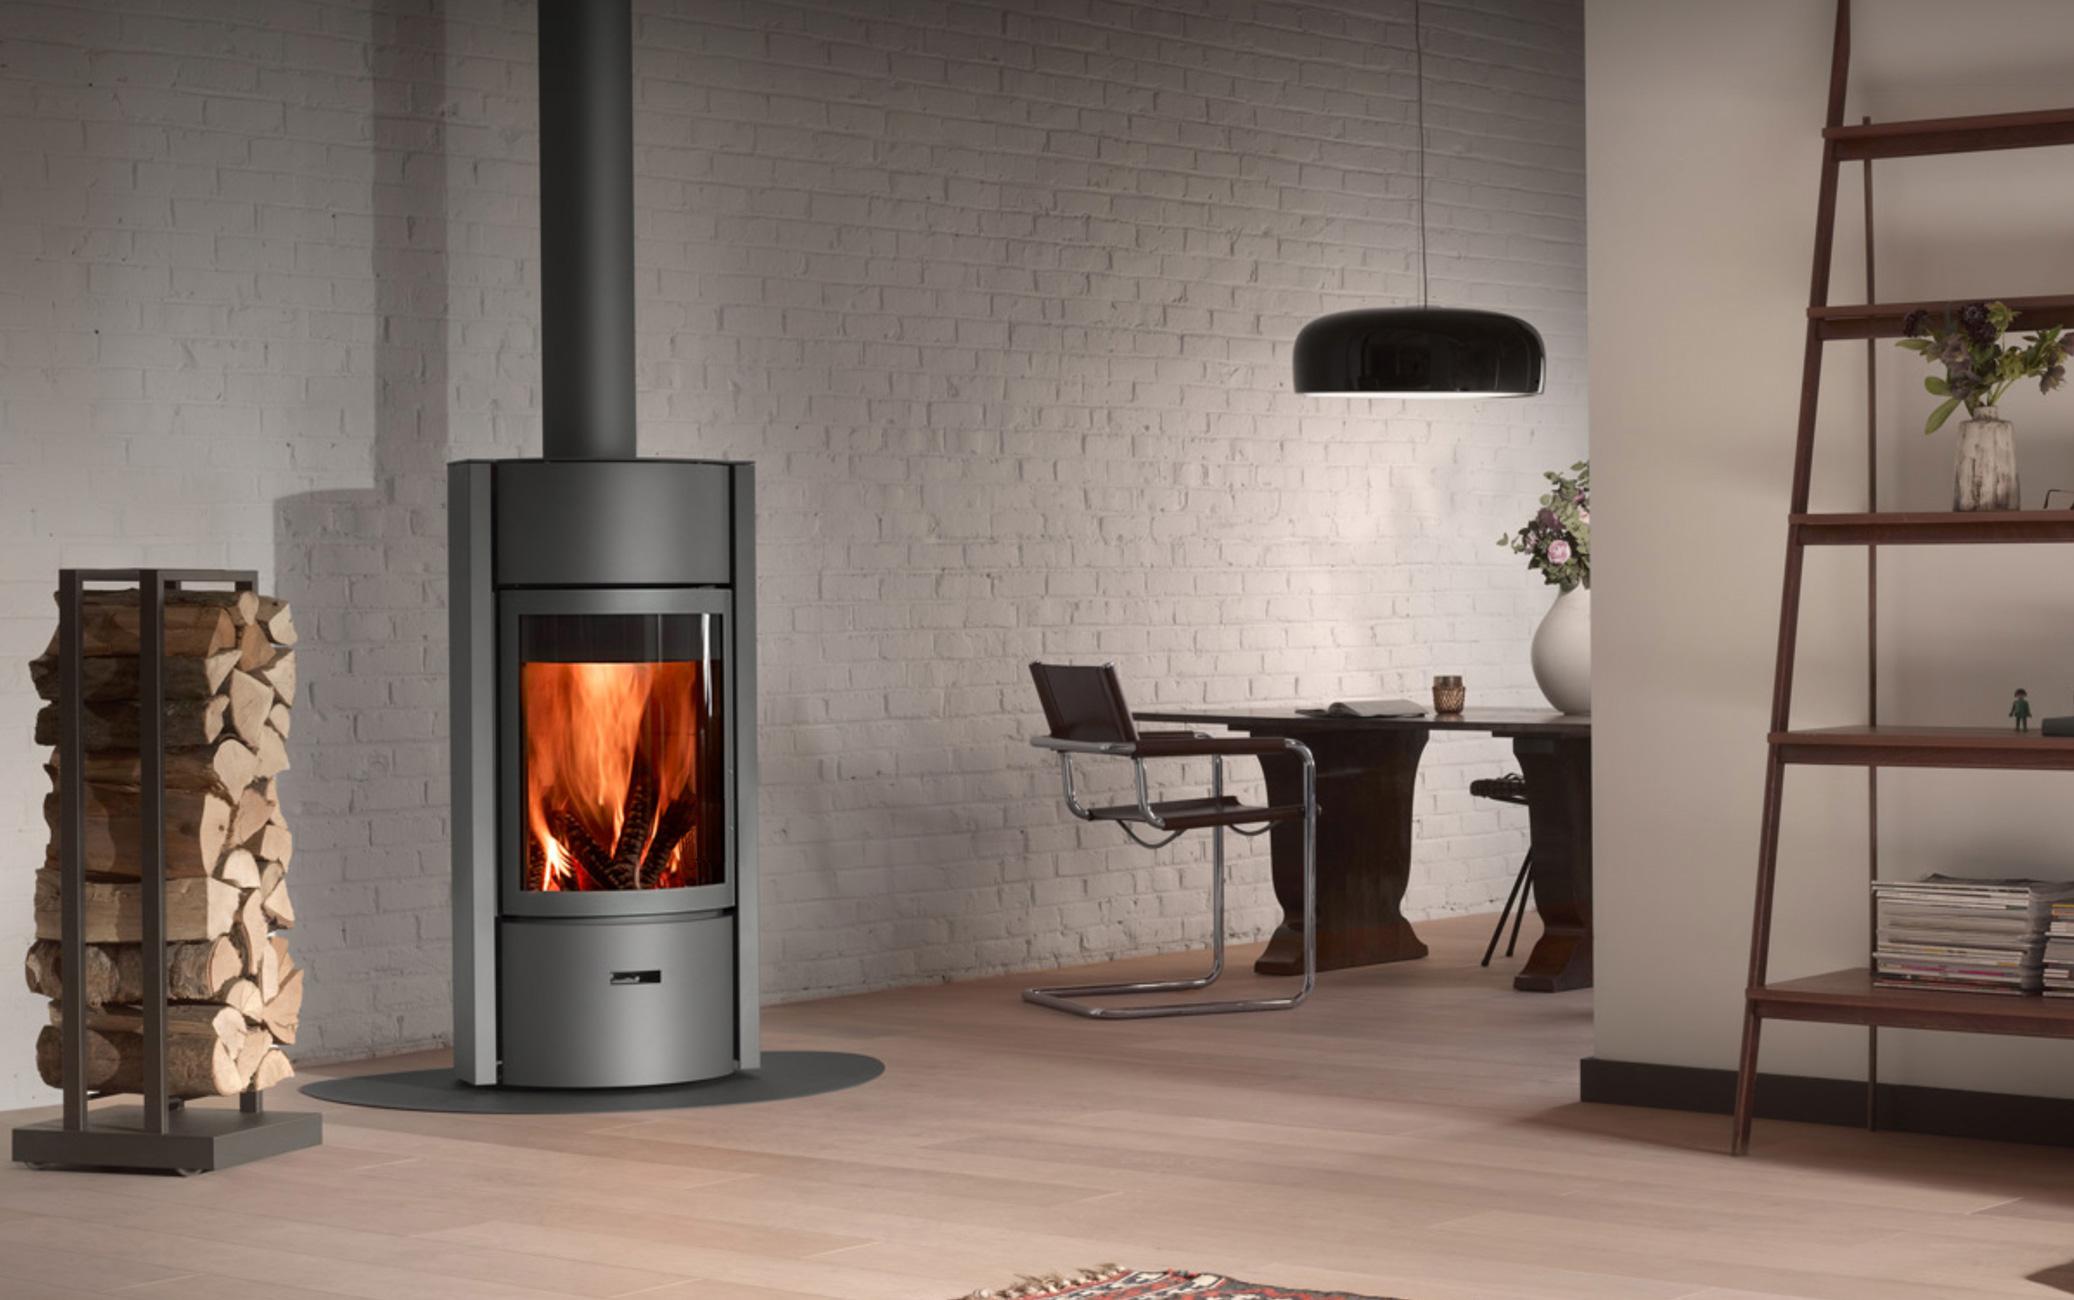 kamin fen pellet fen francois ofenbau. Black Bedroom Furniture Sets. Home Design Ideas